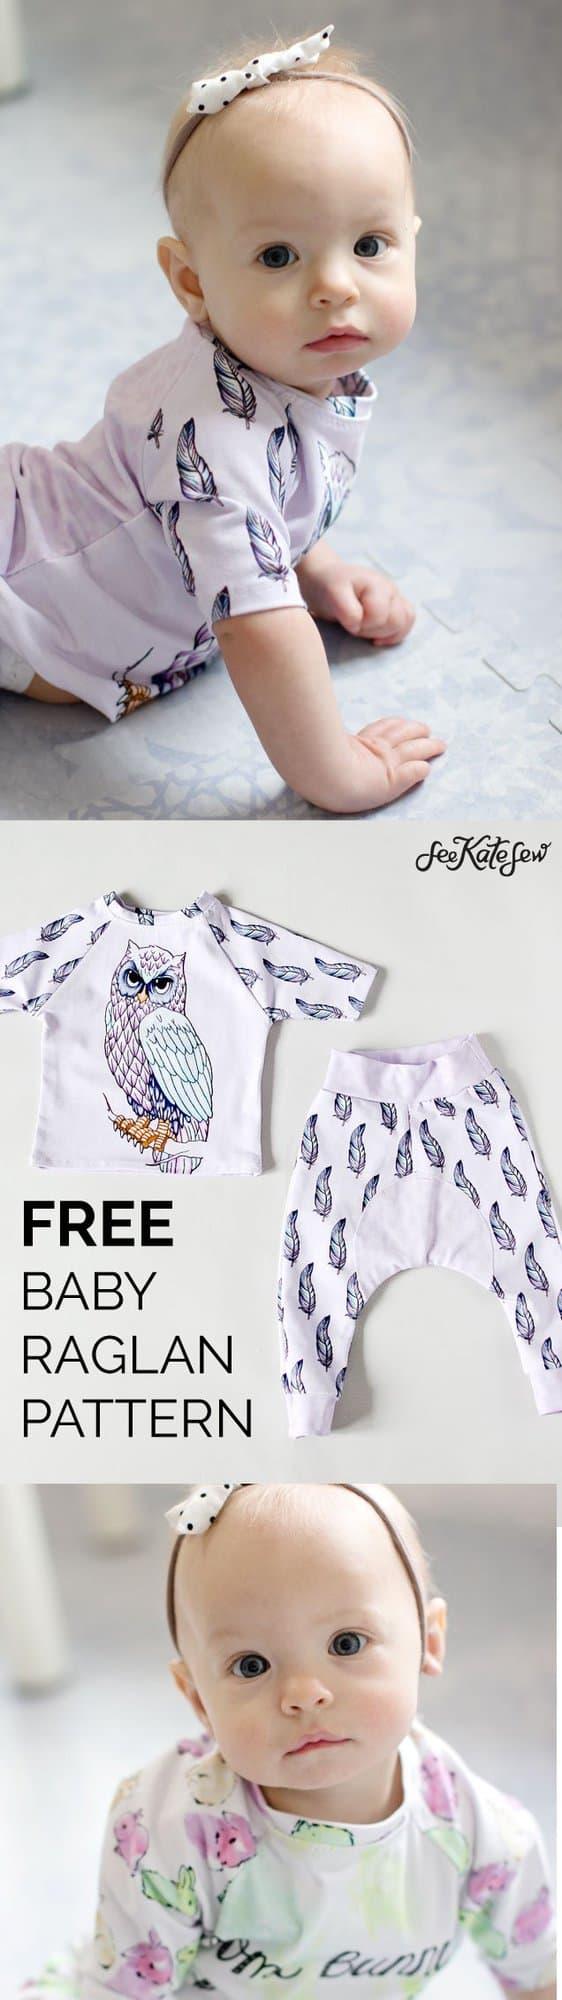 Free Baby Raglan Pattern - See Kate Sew